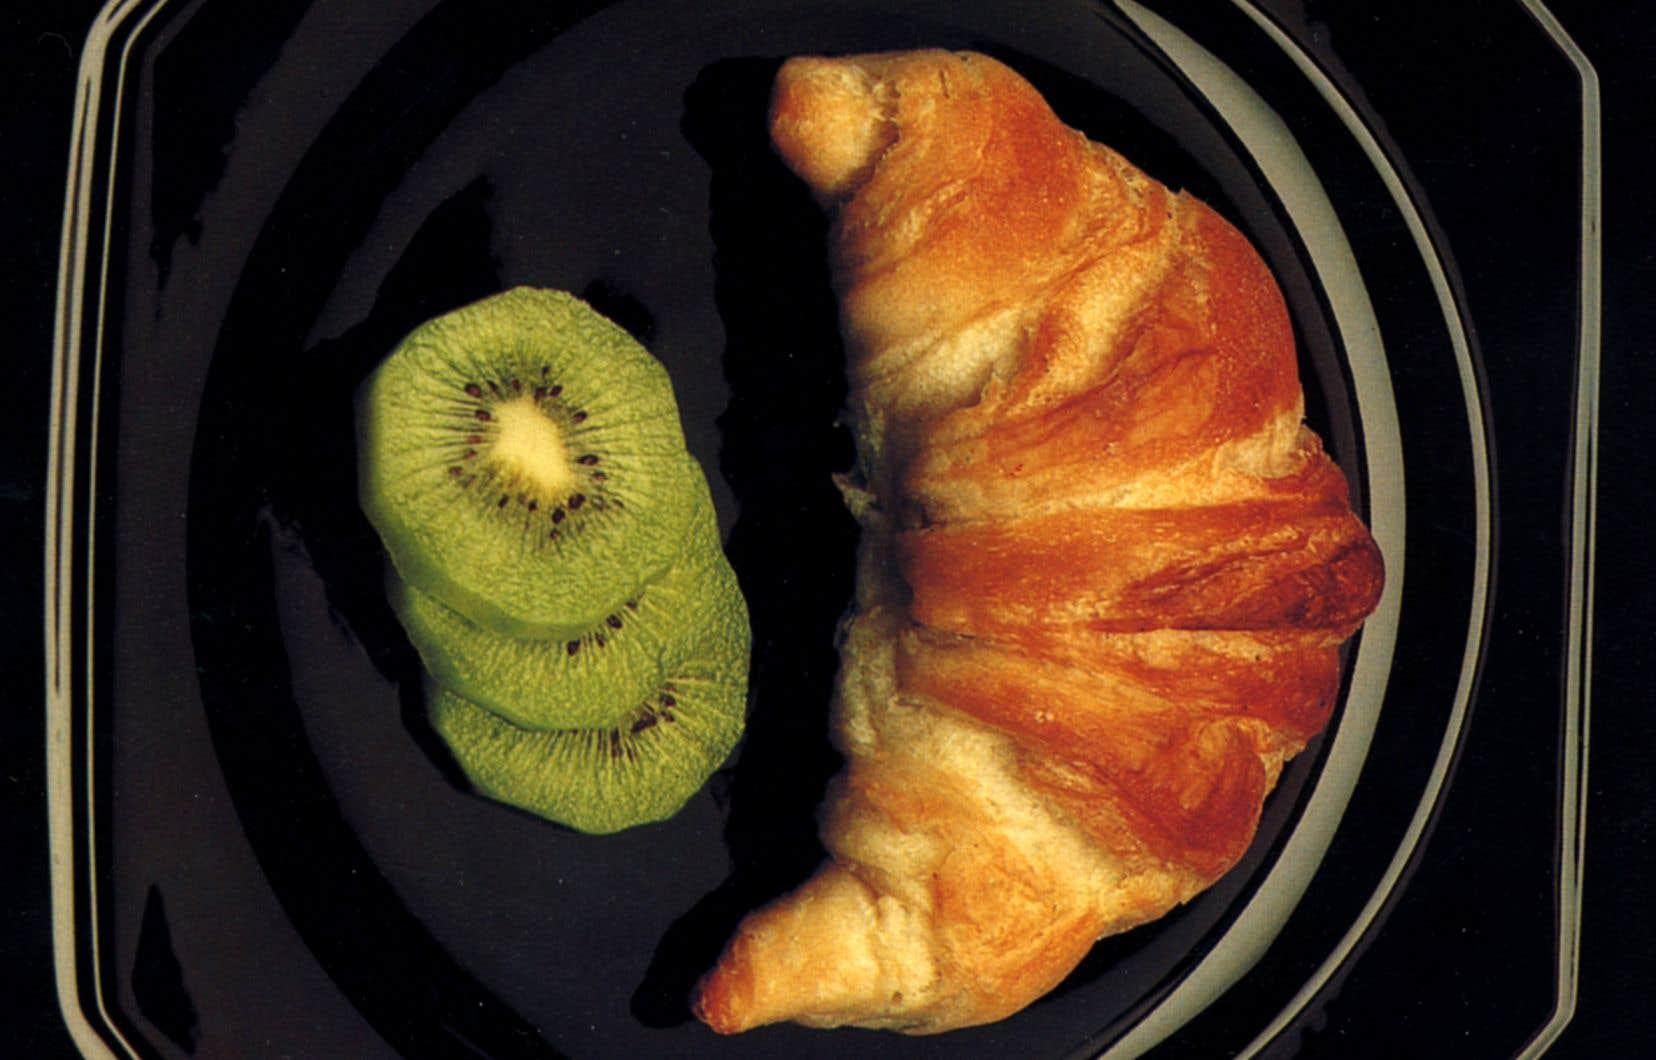 Les grains raffinés sontceux qu'on trouve dans les croissants et le pain blanc, par exemple.